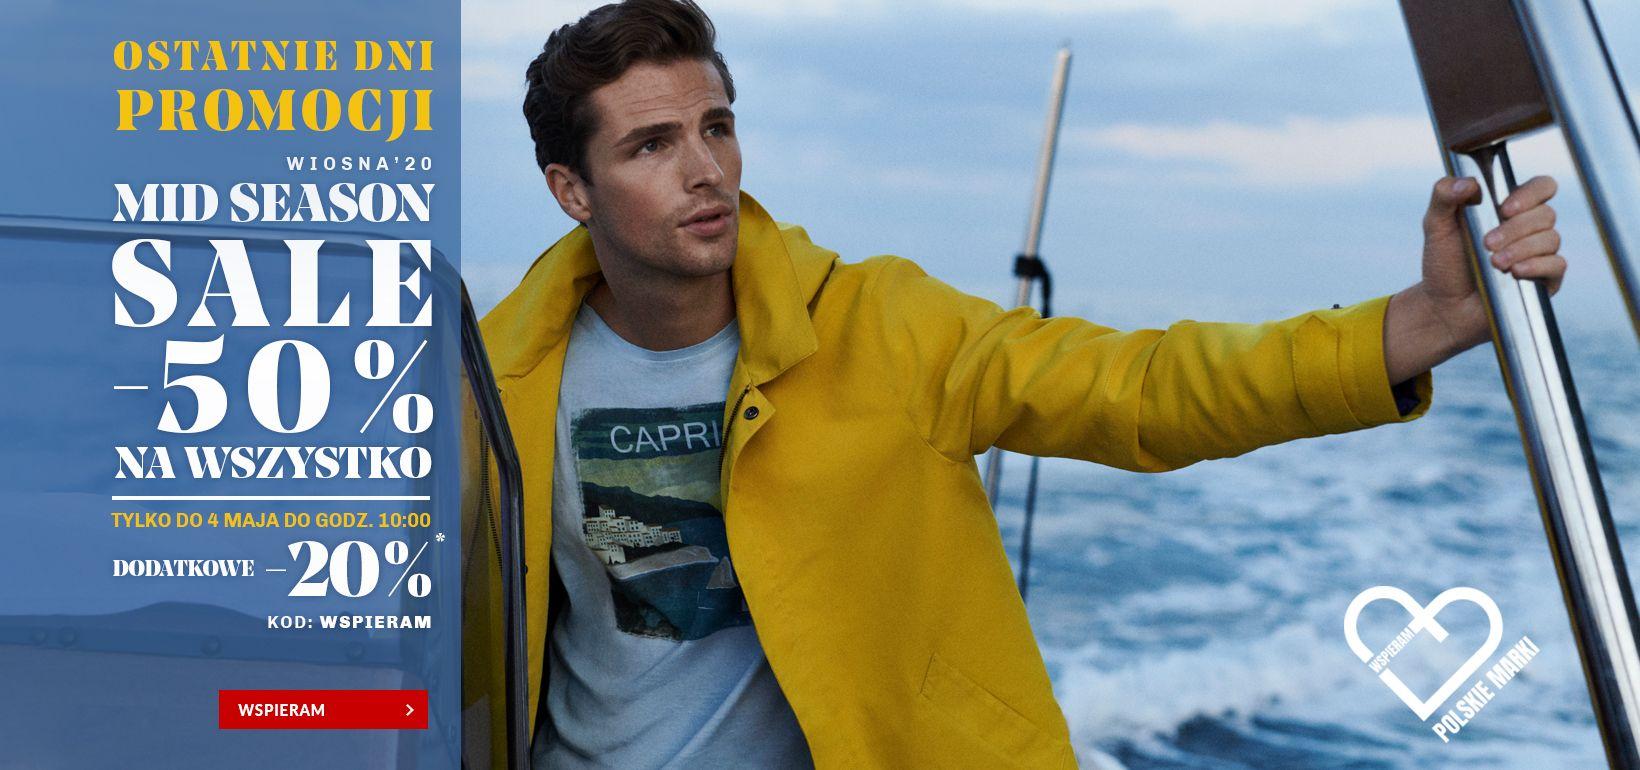 Vistula: wyprzedaż dodatkowe 20% rabatu na odzież męską z wyprzedaży